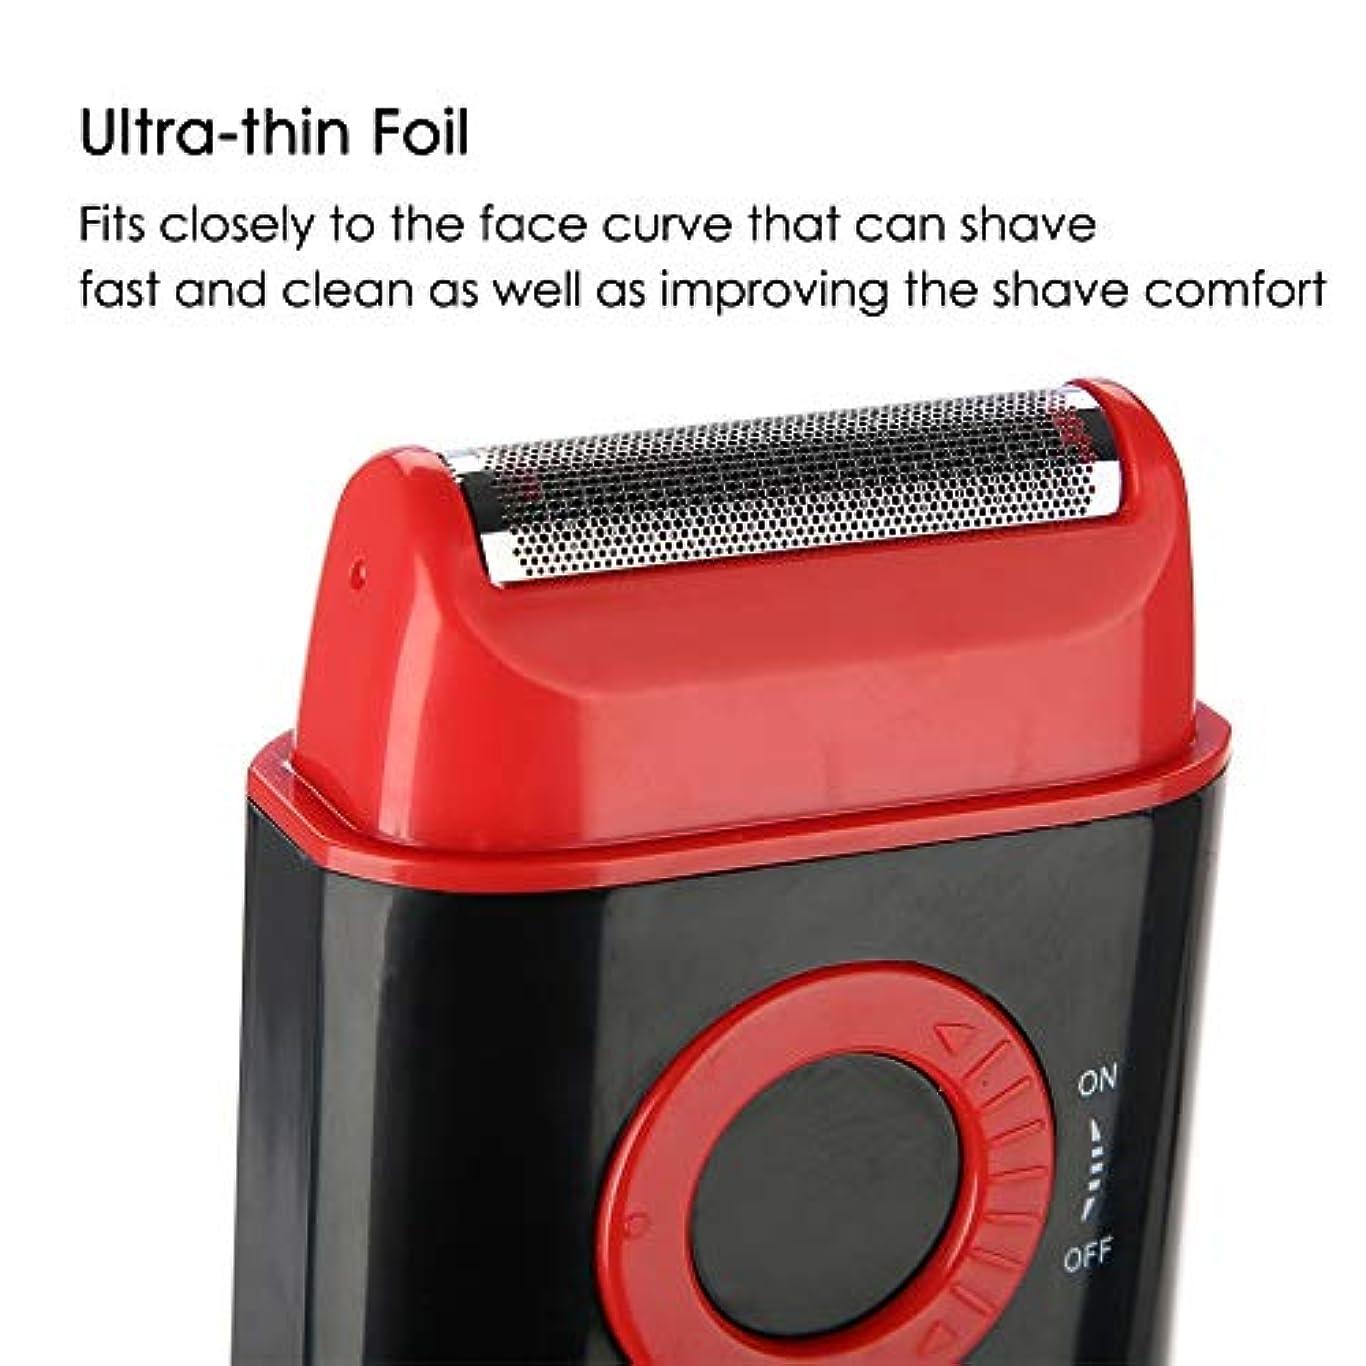 インストラクター工業用解説電気シェーバー 剃刀 男性 超薄型箔ポップアップひげトリマー単3電池のパワーシェービングカミソリ (レッド)